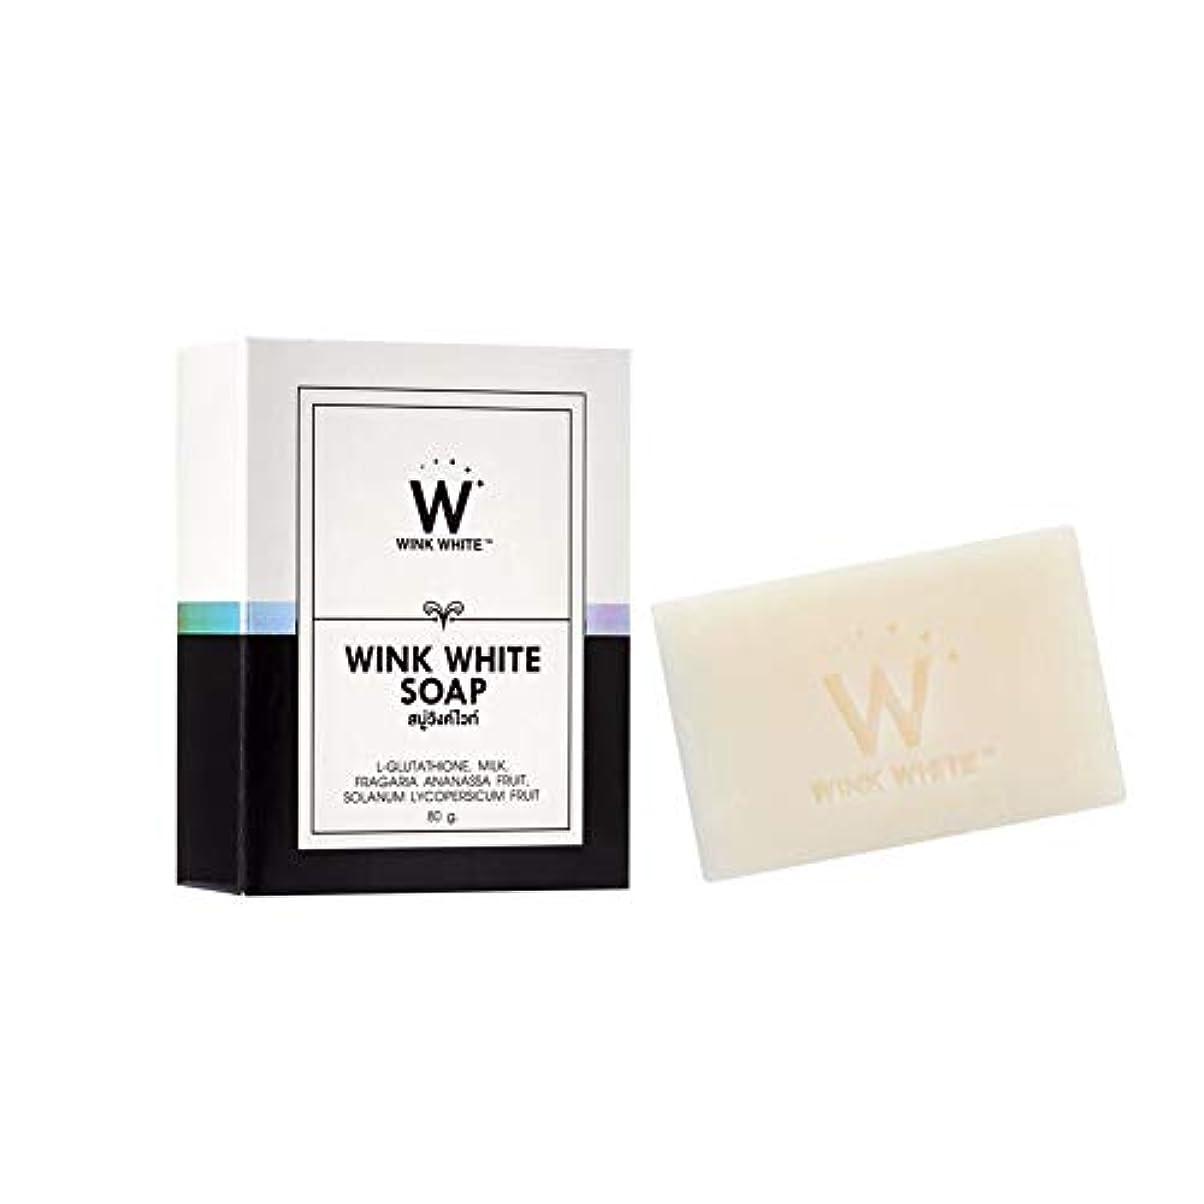 迫害深遠落ち着いてSoap Net Nature White Soap Base Wink White Soap Gluta Pure Skin Body Whitening Strawberry for Whitening Skin All...